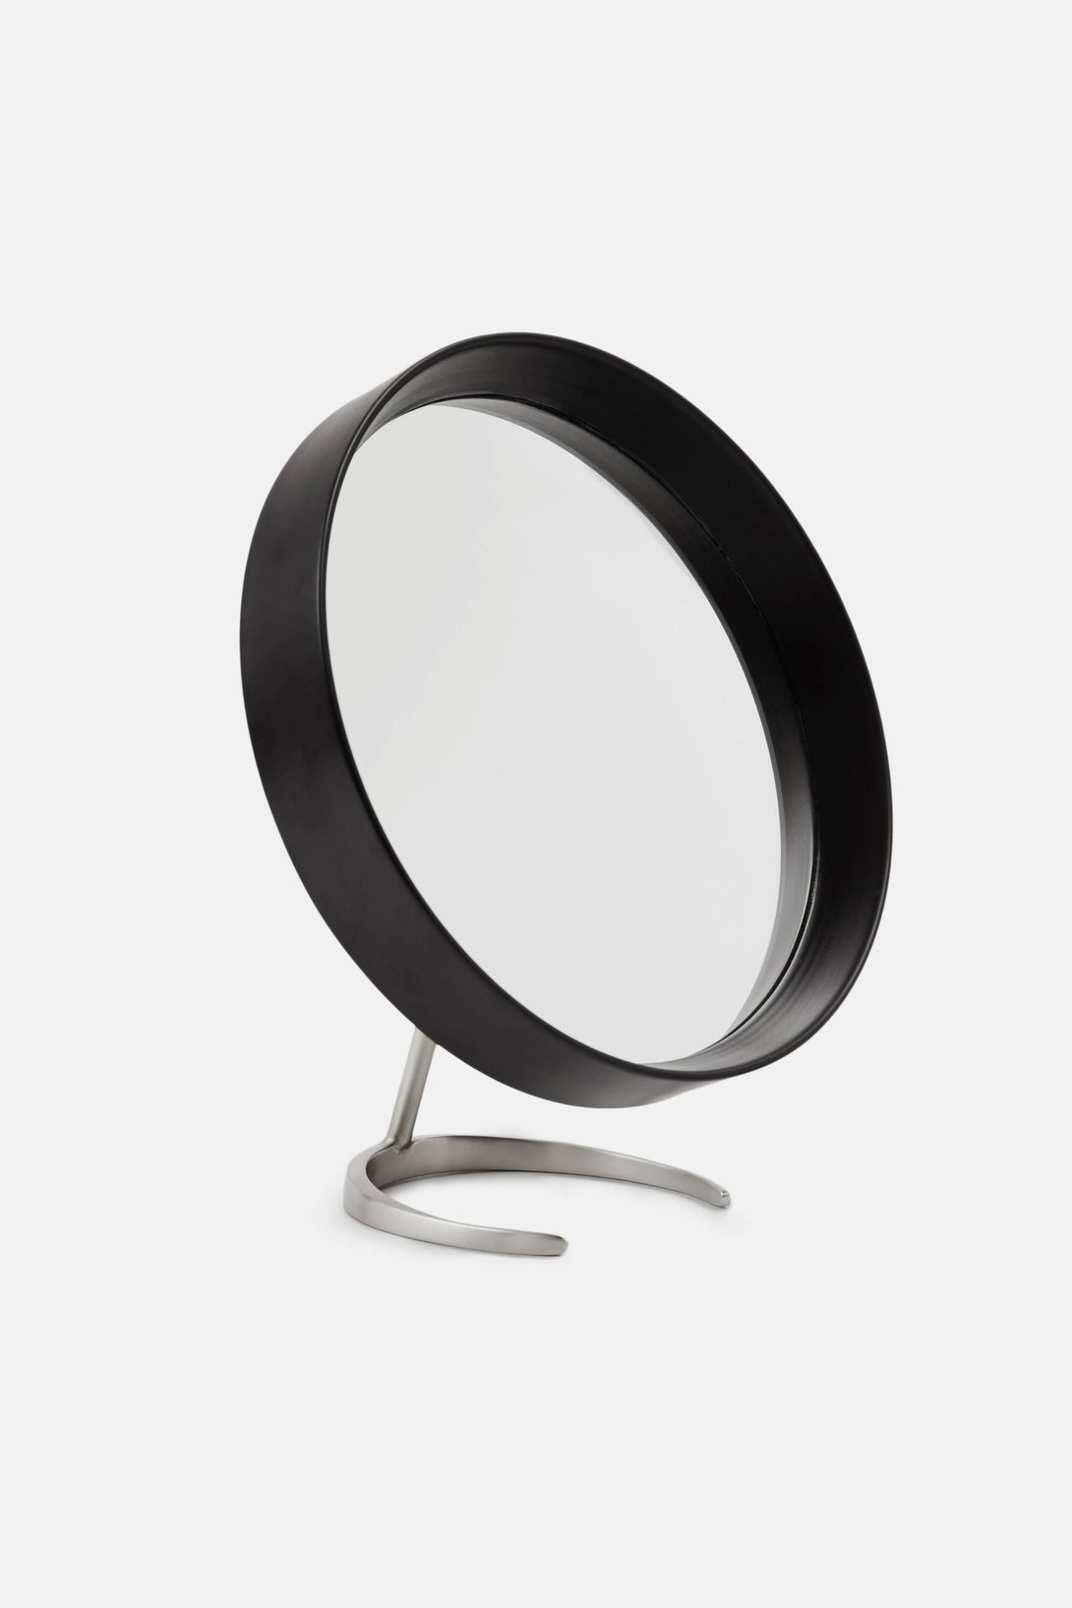 Tenfold New York Matte Black Round Mirror with Matte Nickel Stand